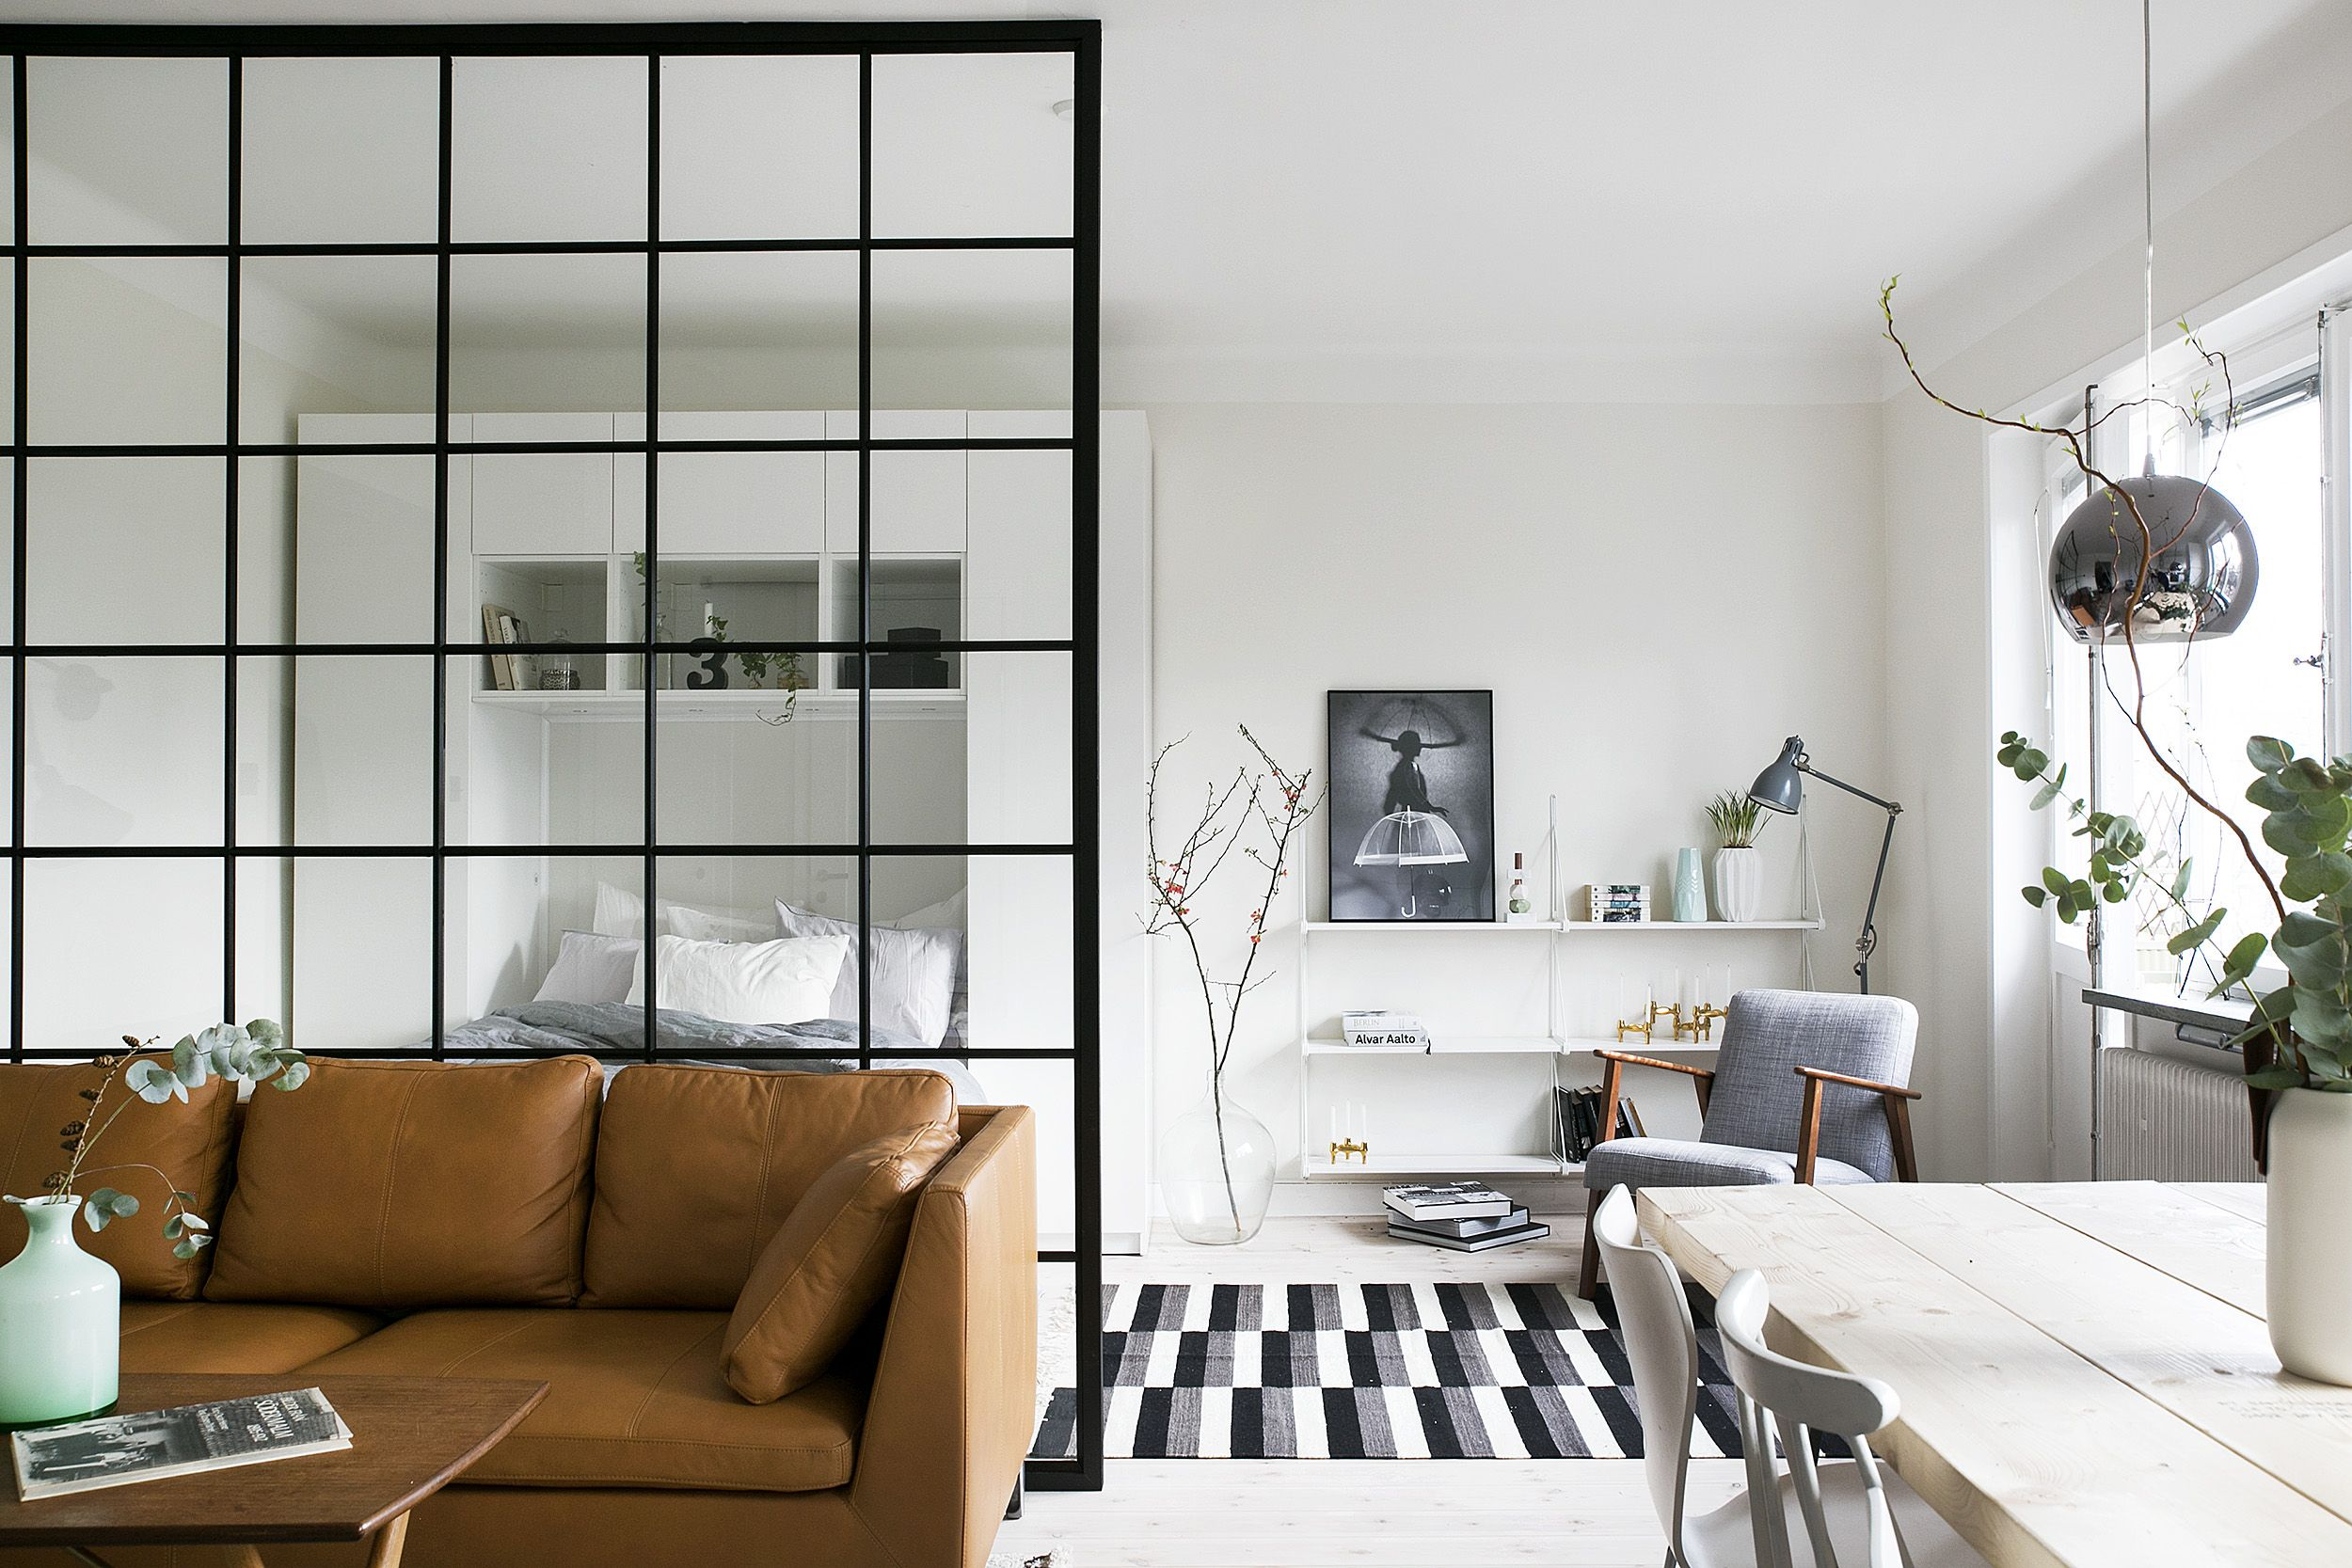 room-divider-ideas-tranebergsva-gen-stockholm-living-room-industry-fantastic-frank-popular-copy-1561401887